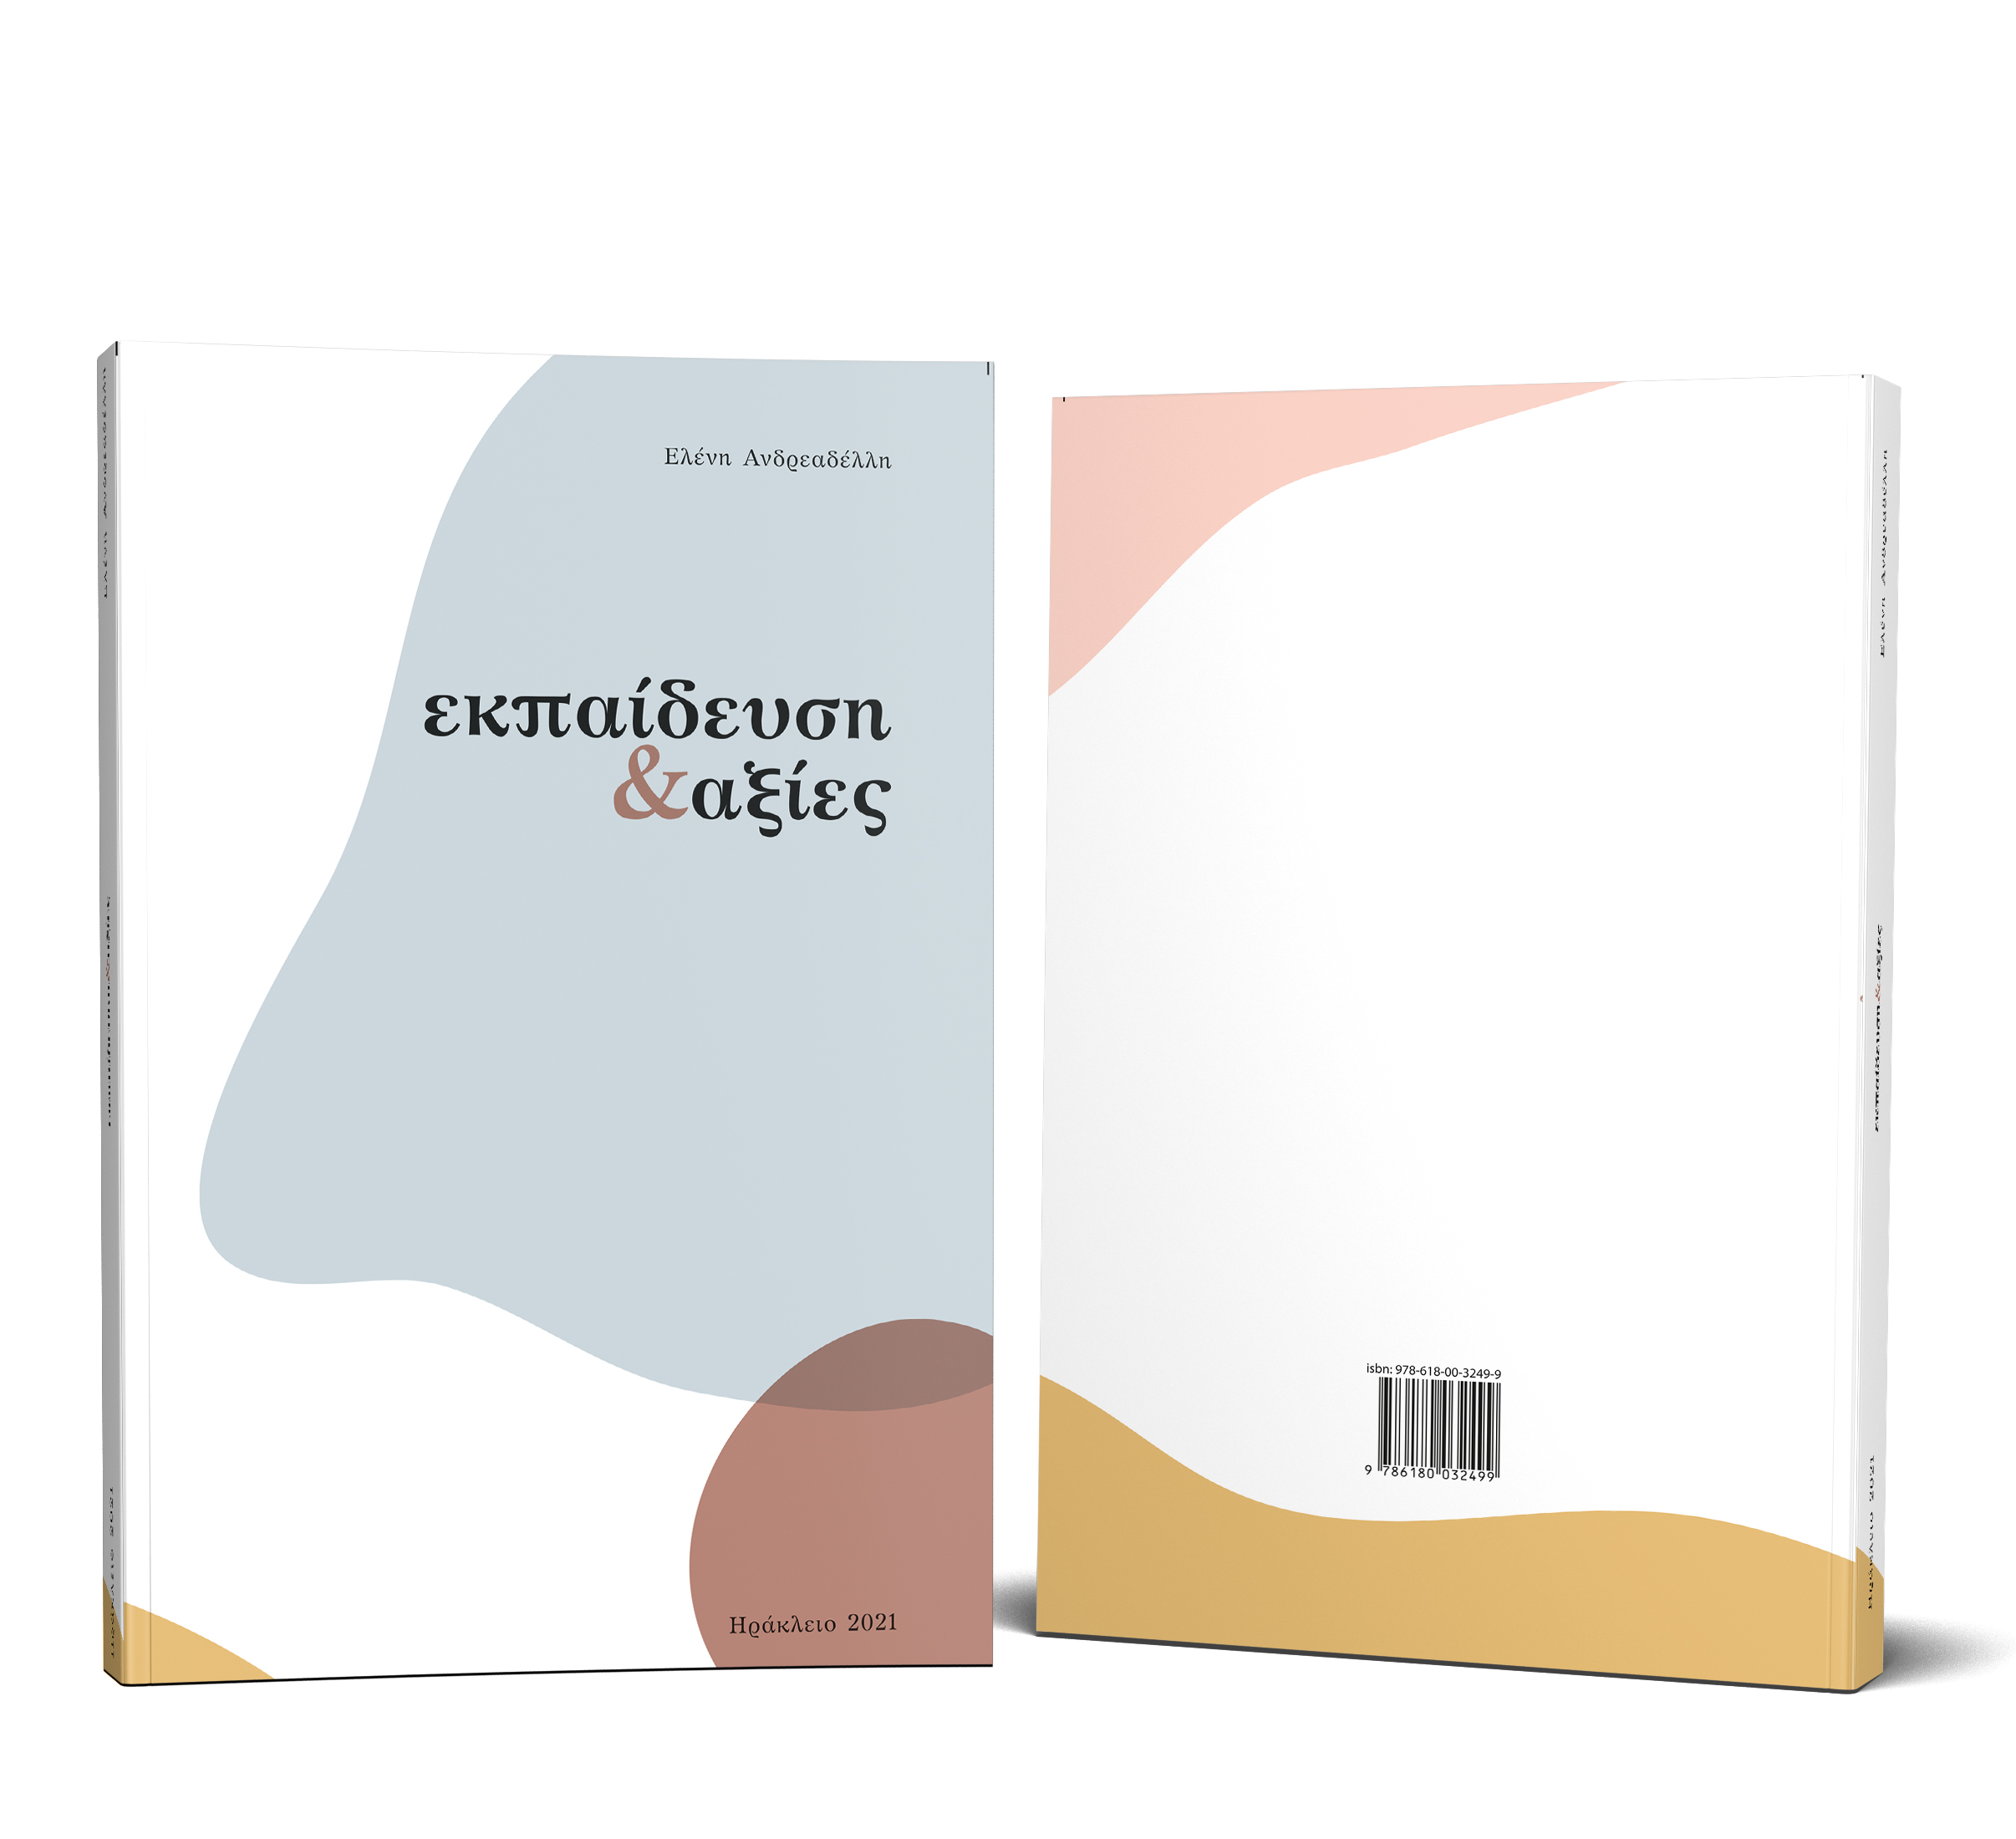 Εκπαίδευση & Αξίες